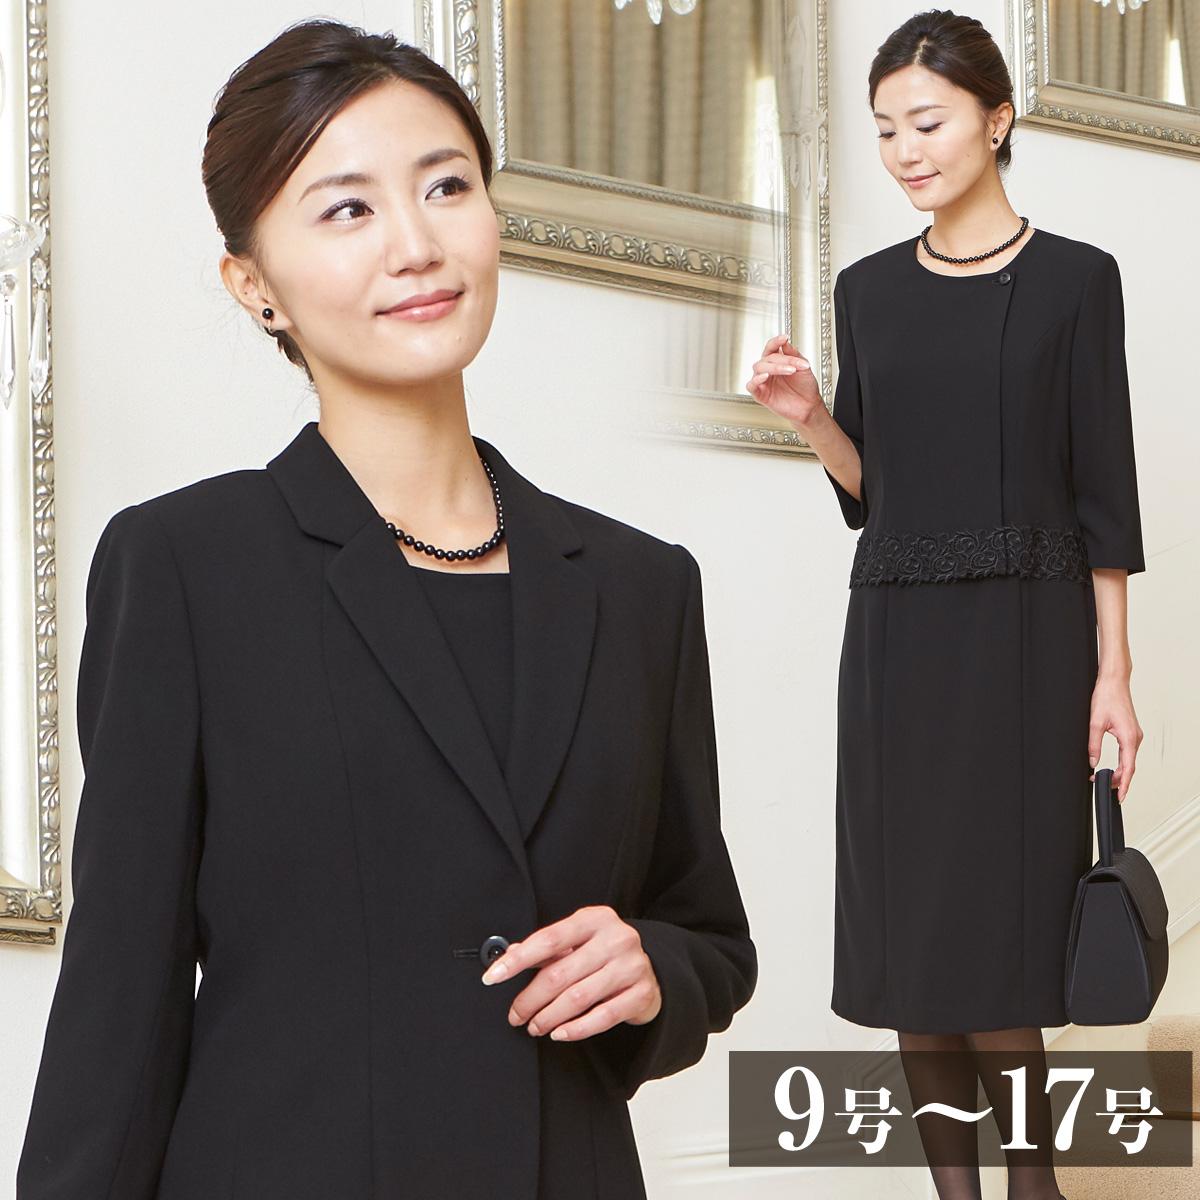 bf23a0620d3cd レディースフォーマルスーツ - ファッション通販SHOPLIST(ショップリスト)